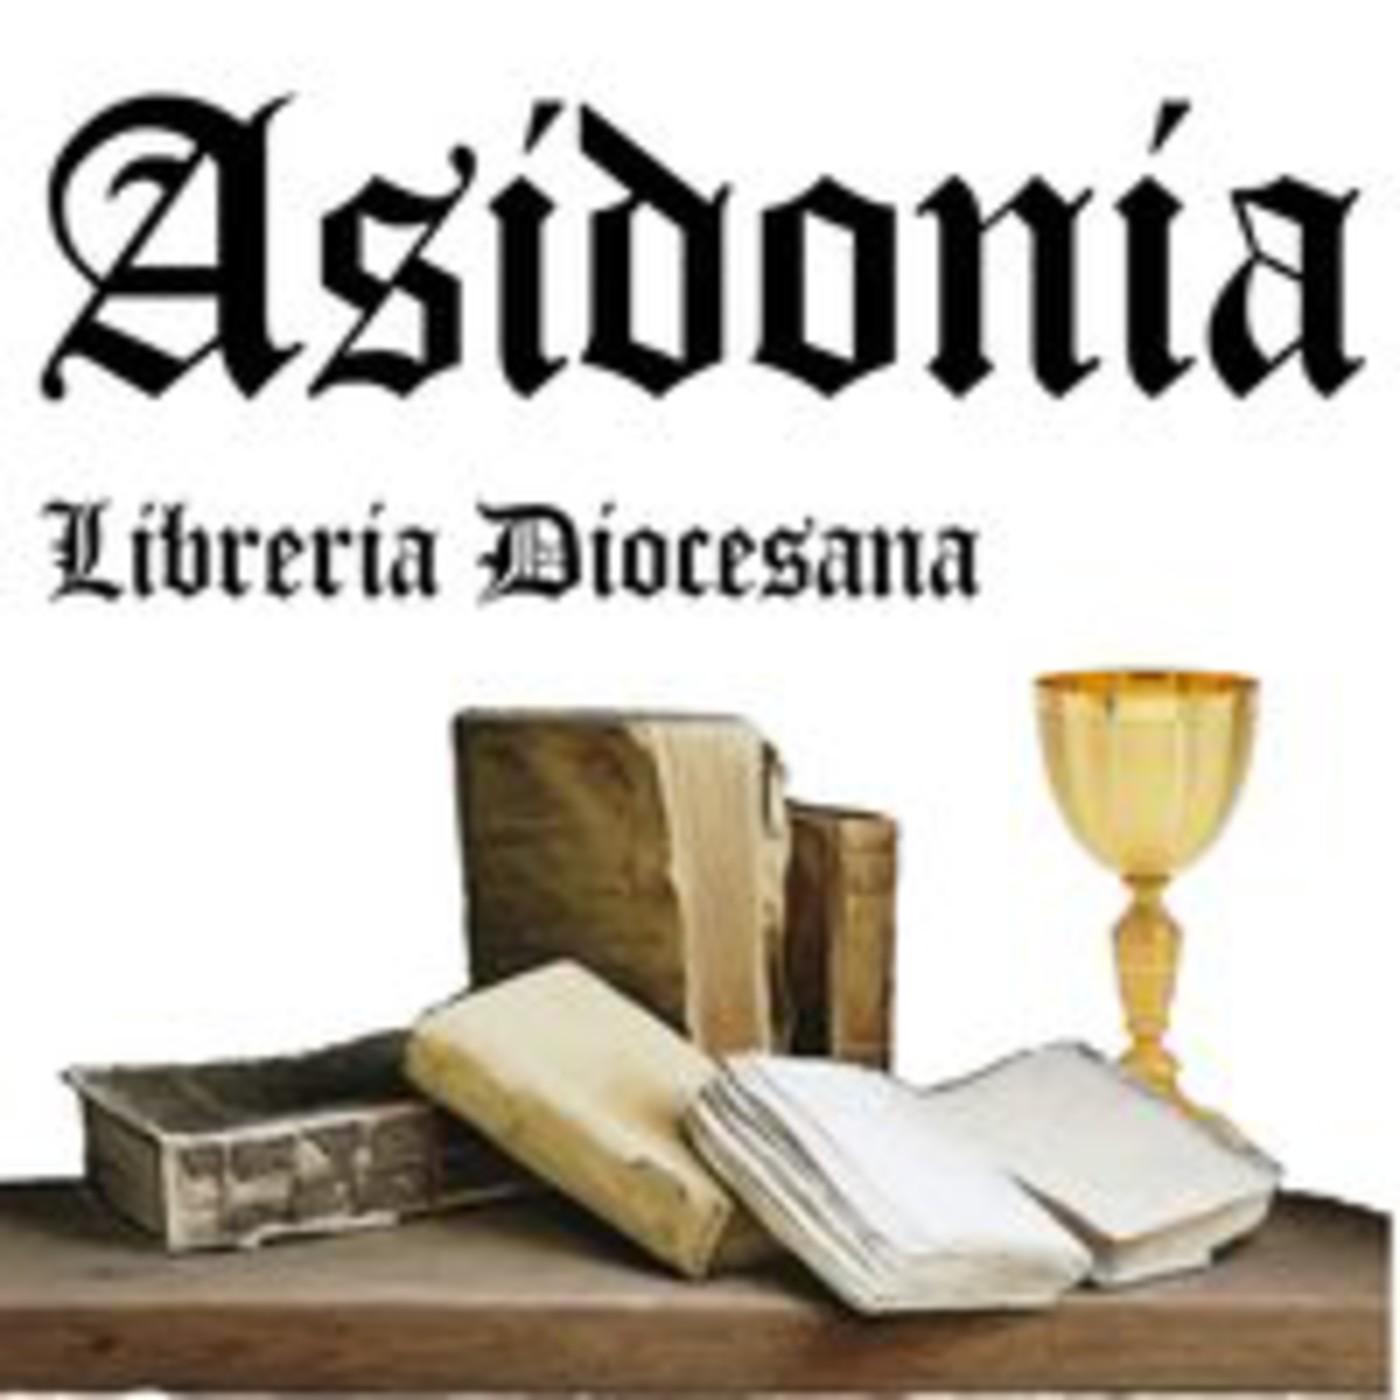 La Nube Del No Saber Y El Libro De La Orientación Particular En Podcast Librería Asidonia En Mp3 02 03 A Las 21 49 38 05 46 2882366 Ivoox